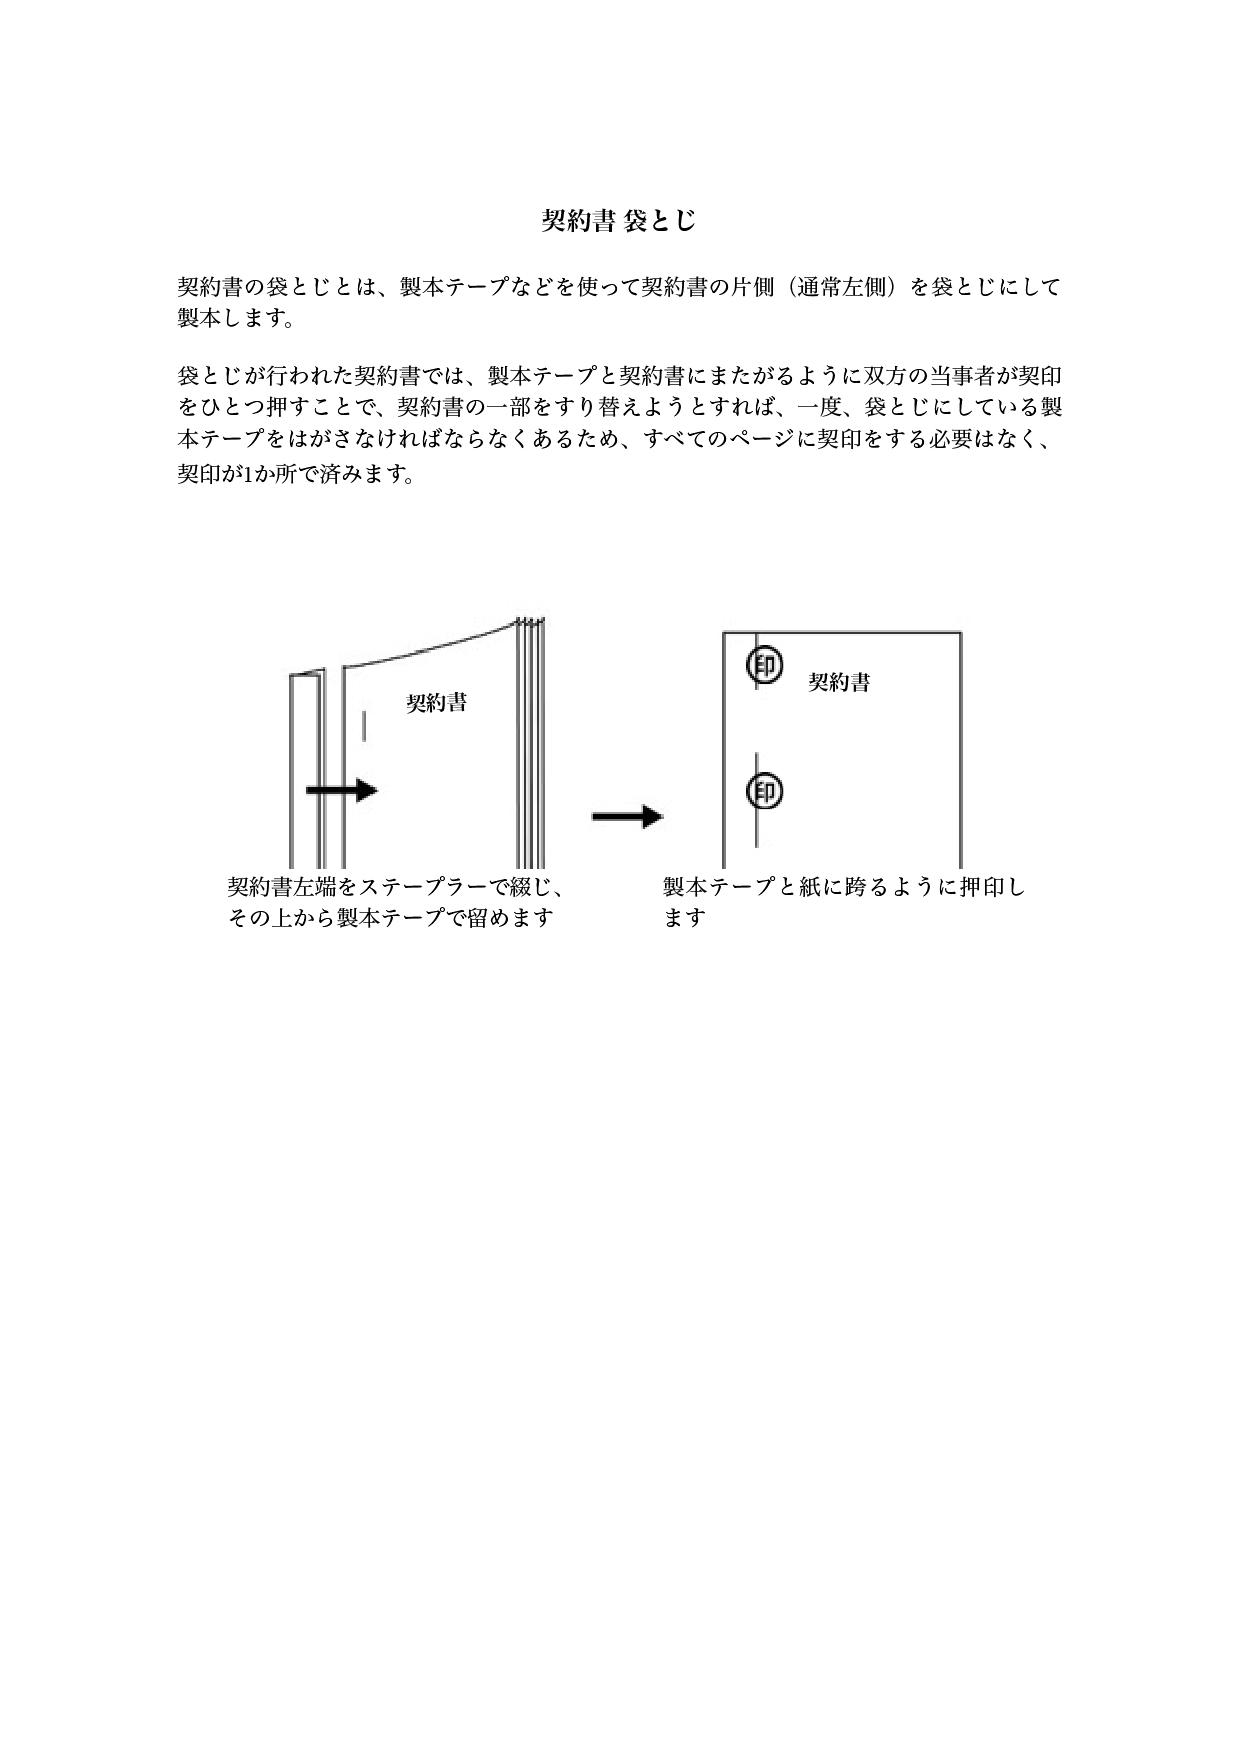 契約書の袋とじ『製本テープ』方法(ワード・ページズ)